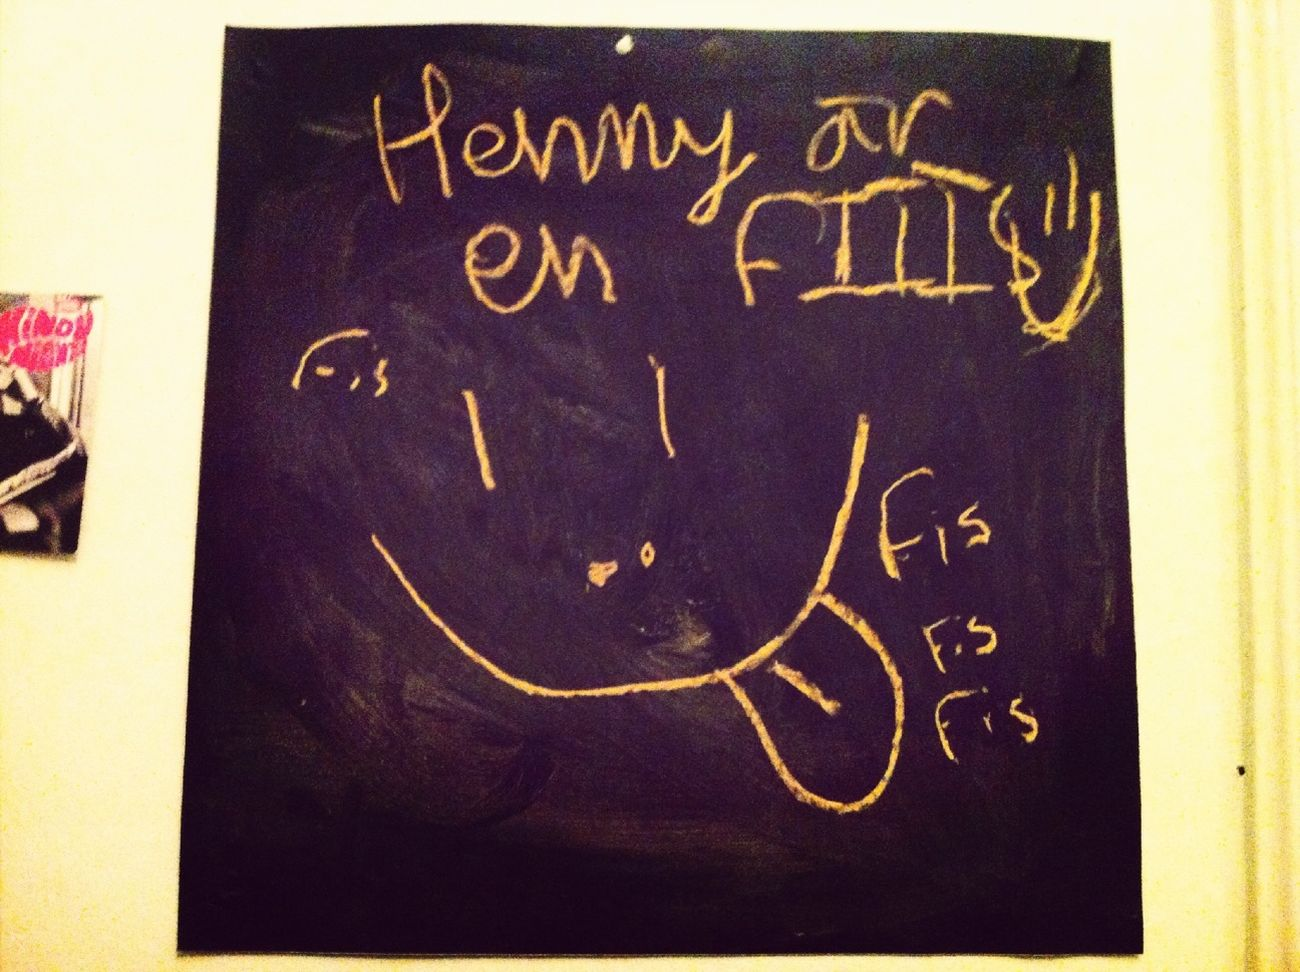 Henny är En Fiiiiis